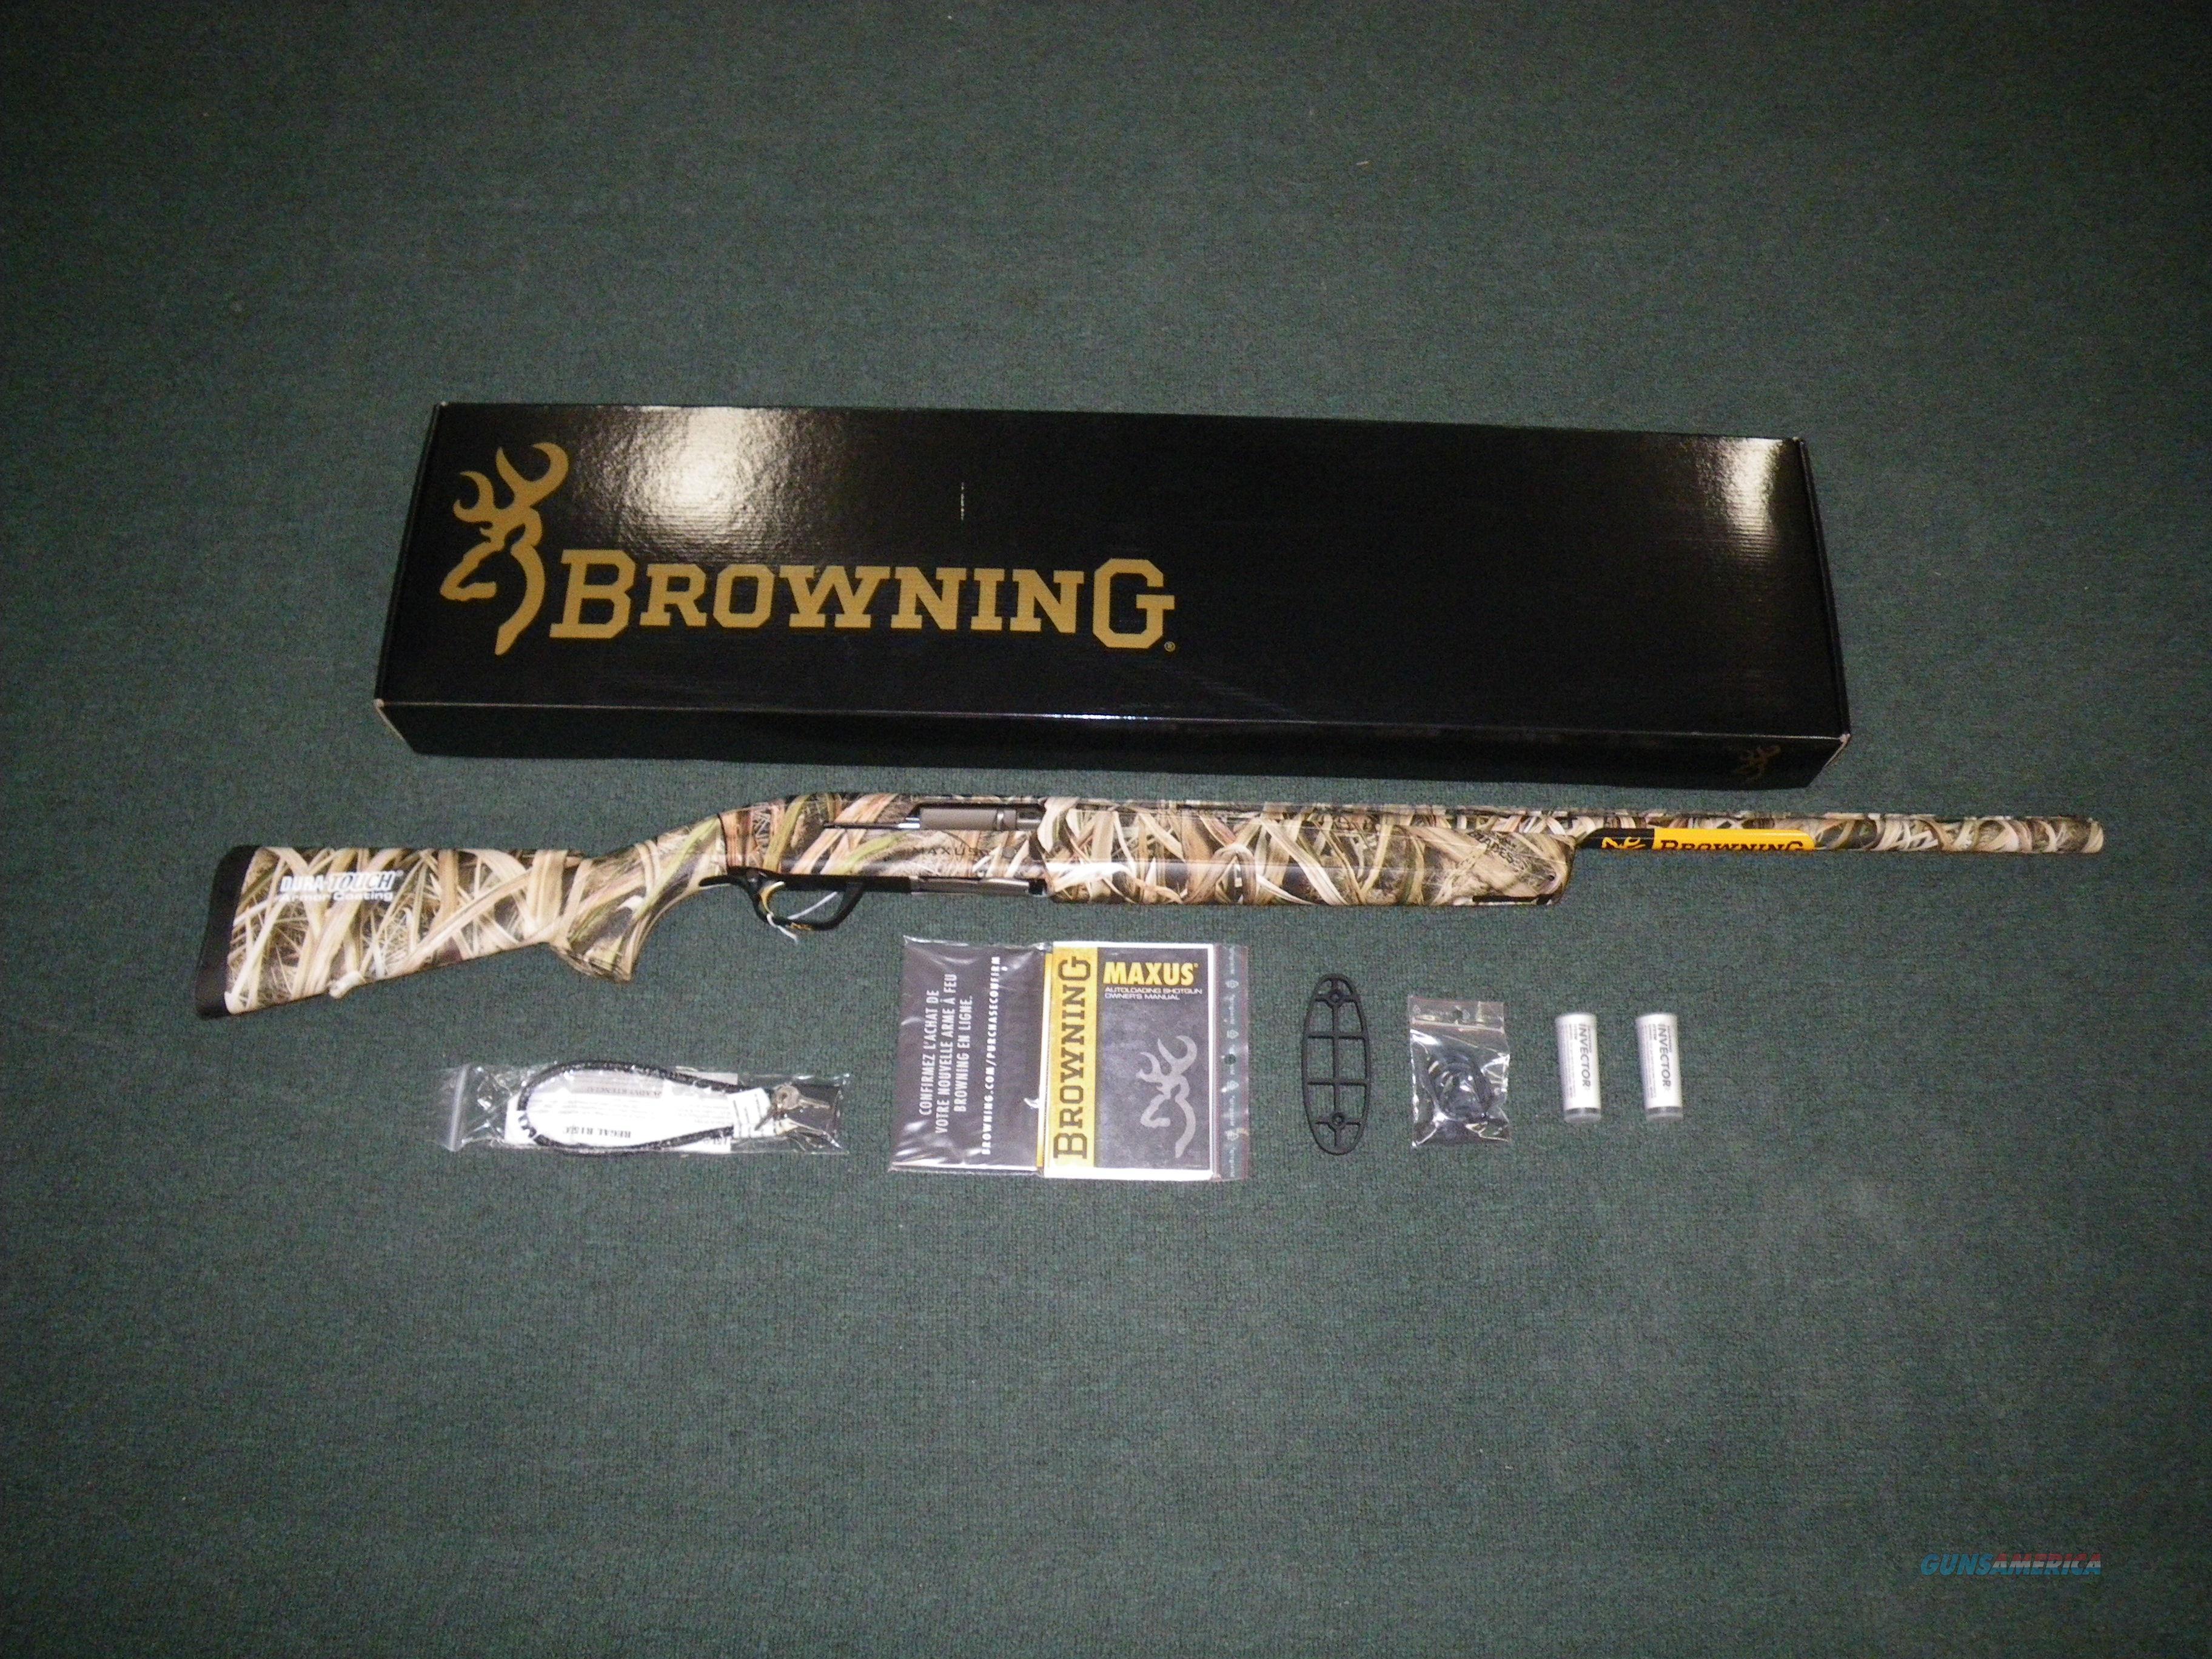 """Browning Maxus Mossy Oak Shadow Grass 12ga 26"""" NEW 011645205  Guns > Shotguns > Browning Shotguns > Autoloaders > Hunting"""